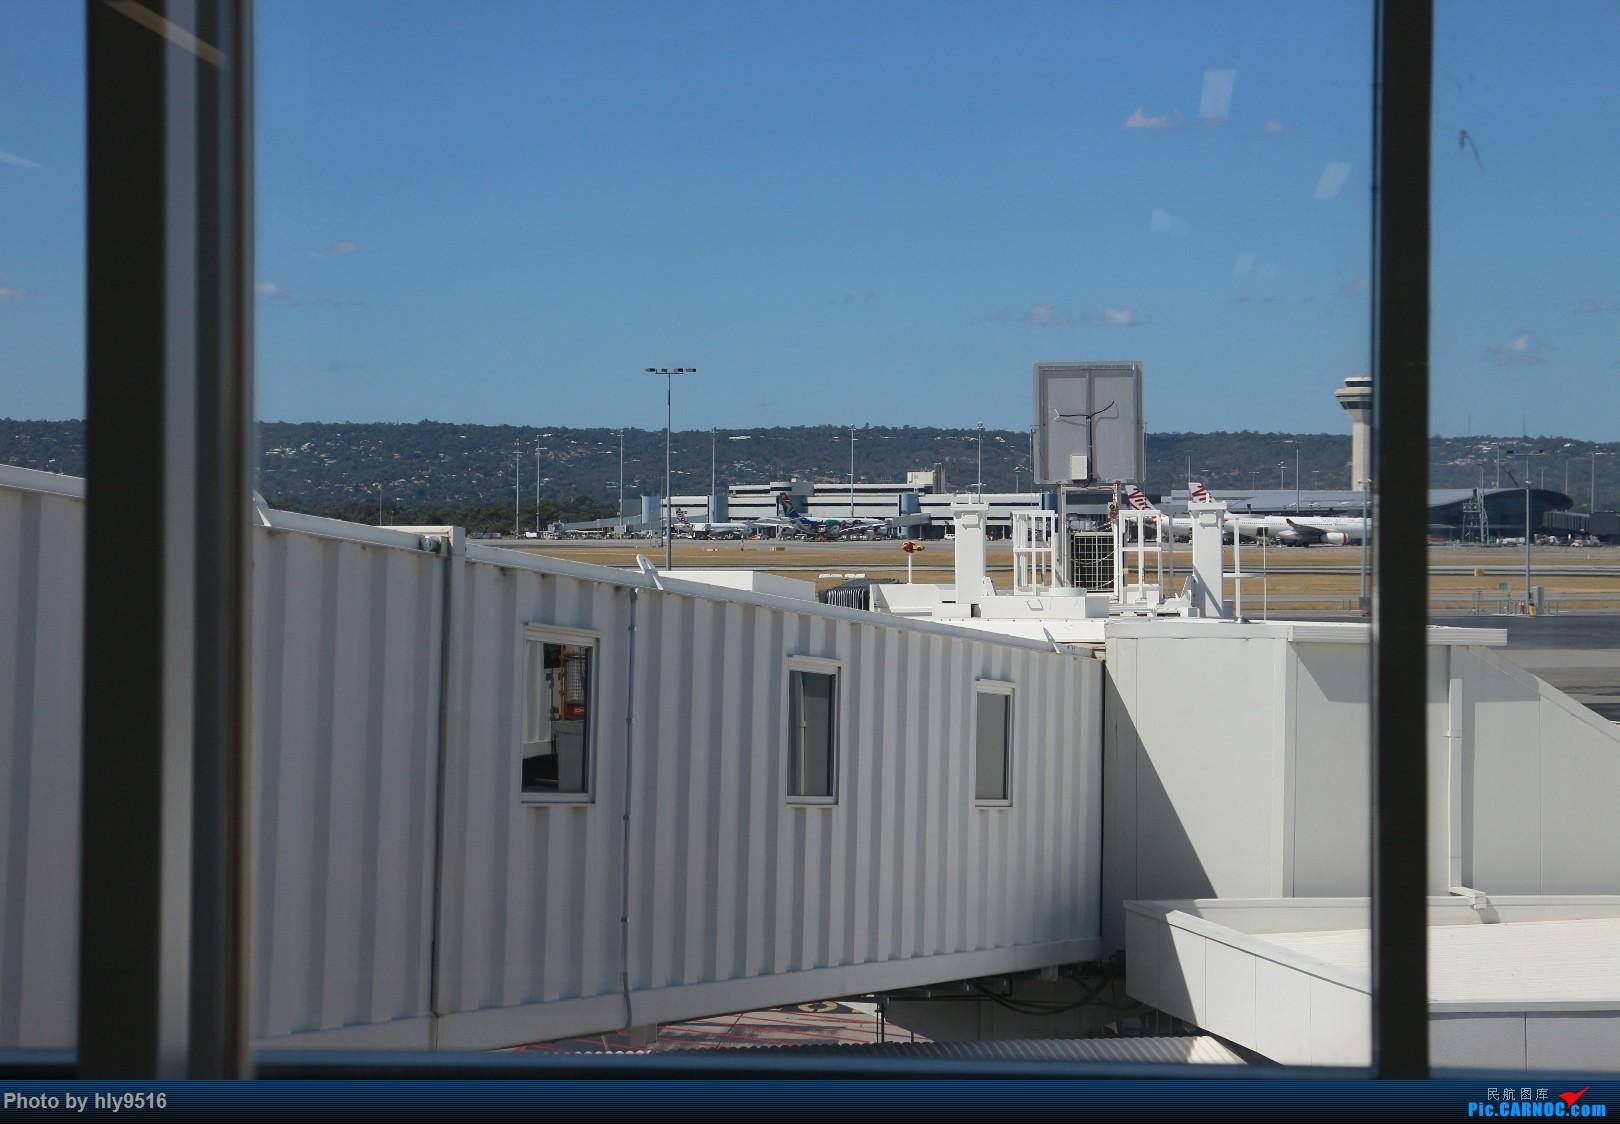 Re:【PER-MEL】第一次发游记,体验澳航最长航线QF10澳洲国内段